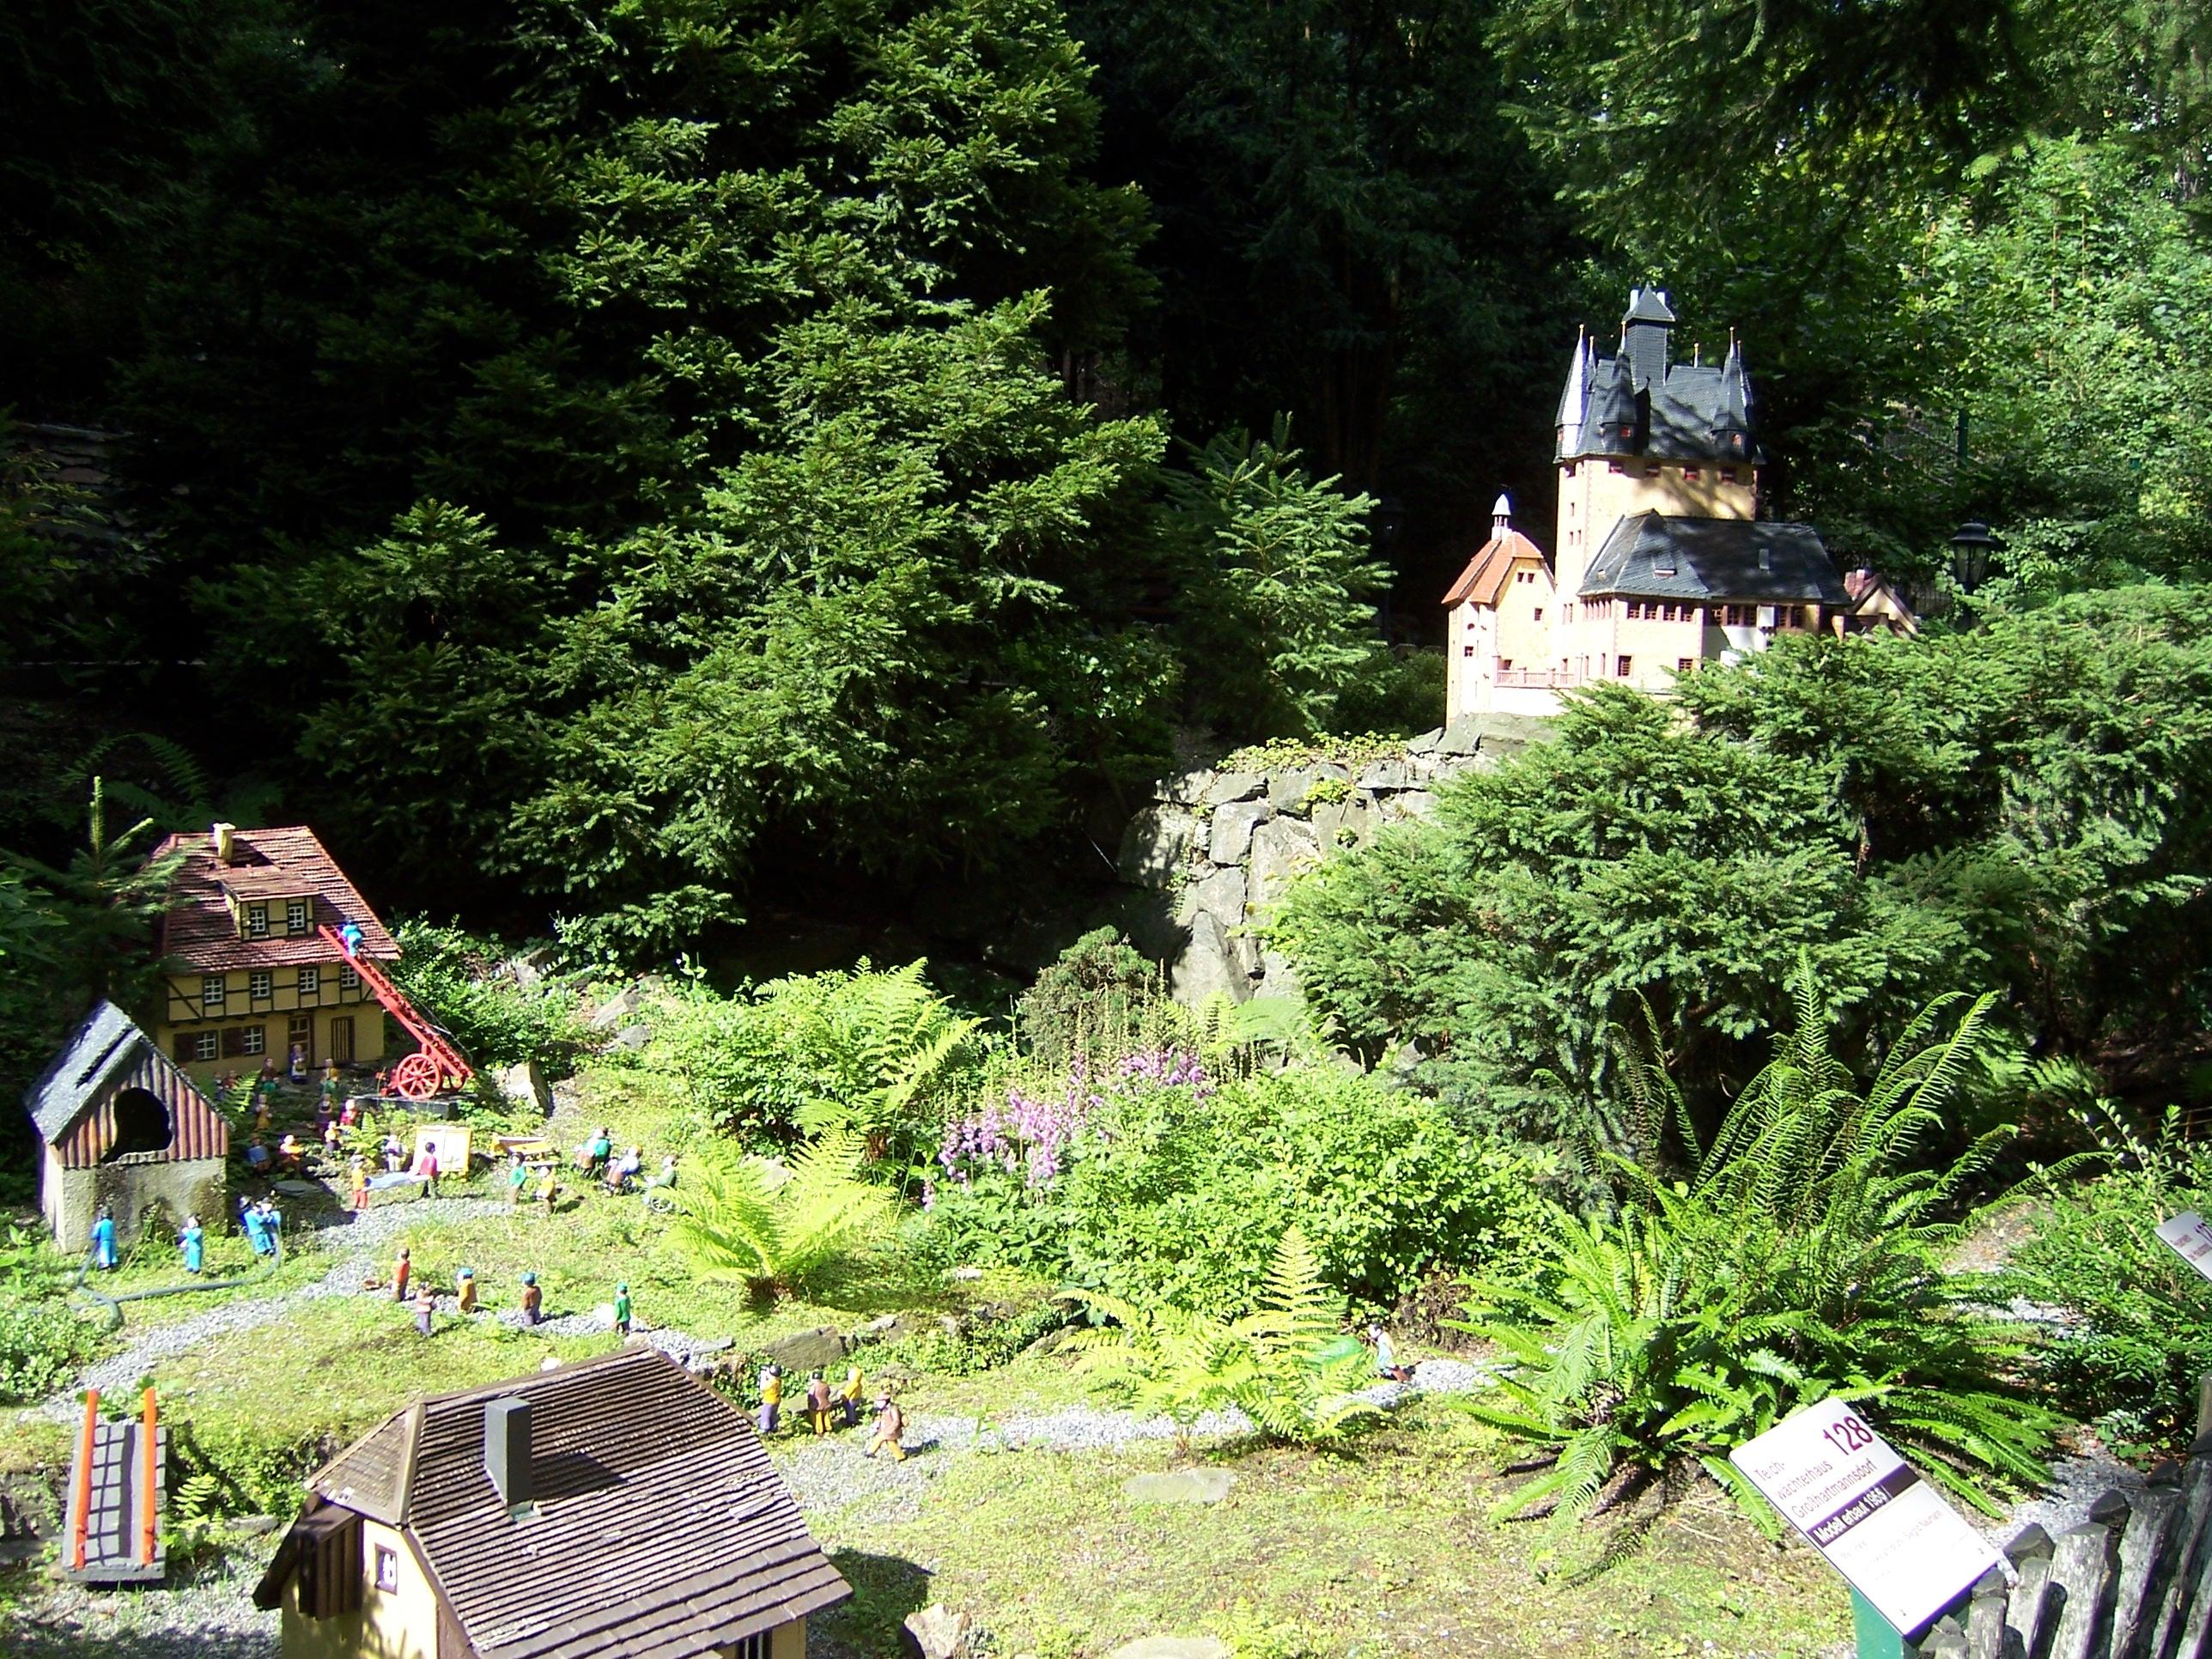 Große weite Welt ganz klein - Miniaturparks in Sachsen